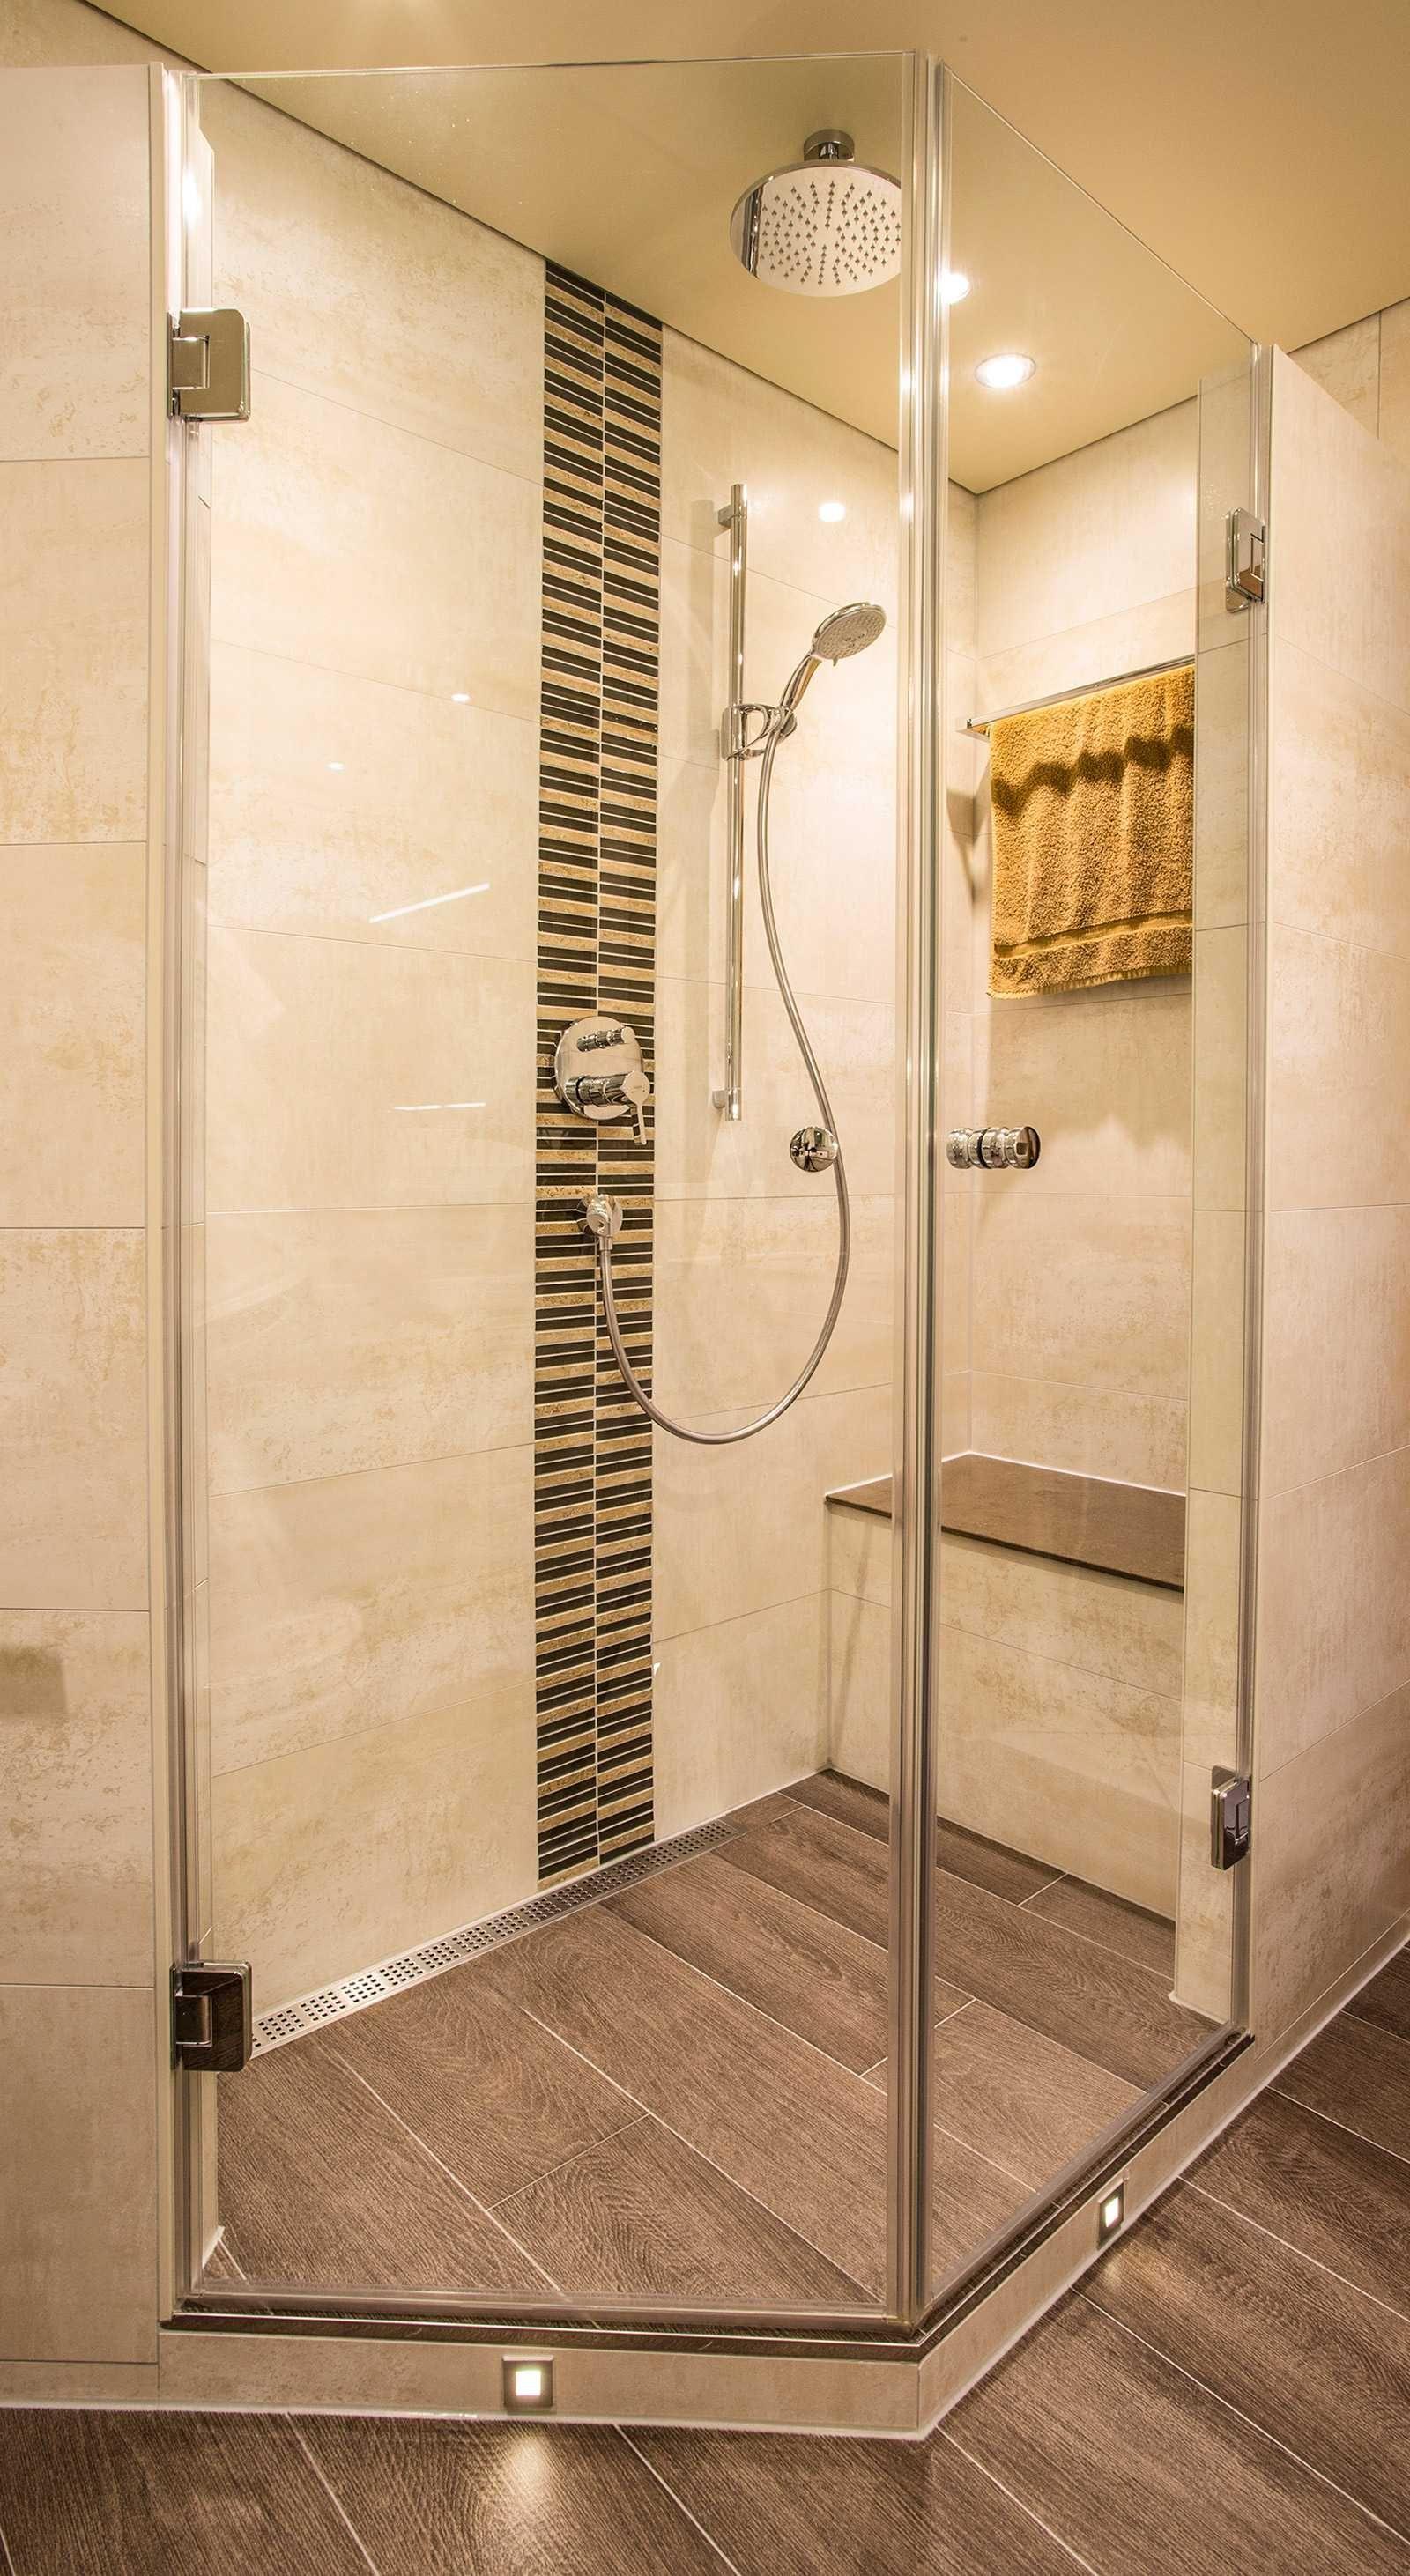 dusche mit regenduschkopf sitzm glichkeit und boden in holzoptik ic. Black Bedroom Furniture Sets. Home Design Ideas